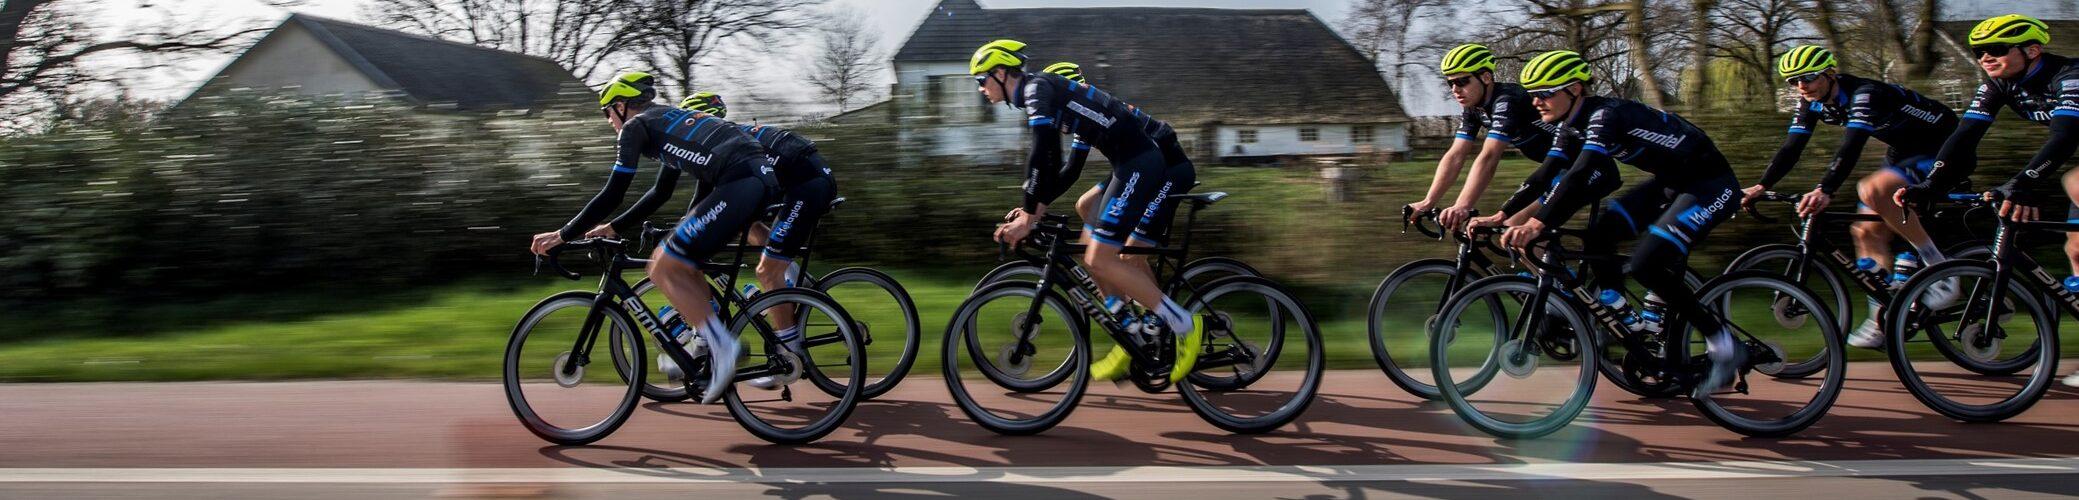 trainingskamp-maasbommel-banner-provincialeweg